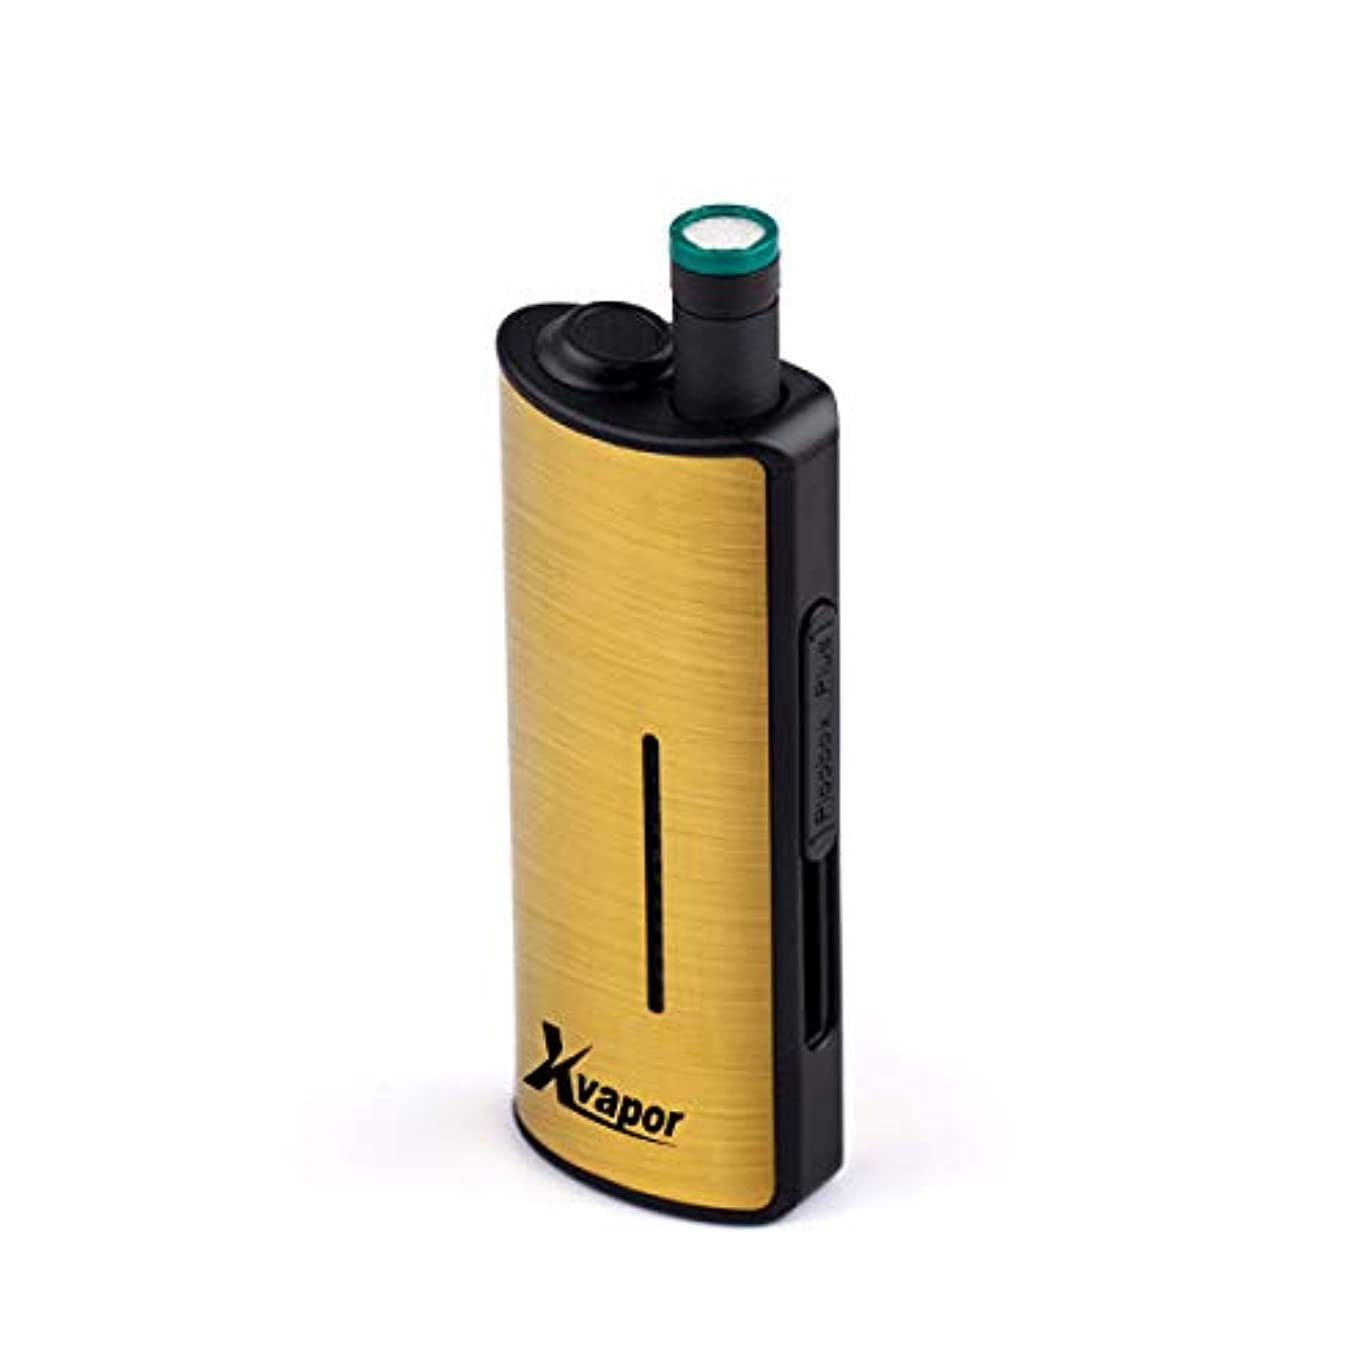 衣装見せます芸術X-Vapor PlooBox Plus X-Vapor PlooBox Plus プルームテック バッテリー 互換 650mAh 55パフ お知らせ 振動 LED 大容量 収納式 カートリッジ 爆煙 手のひらサイズ ゴールド...